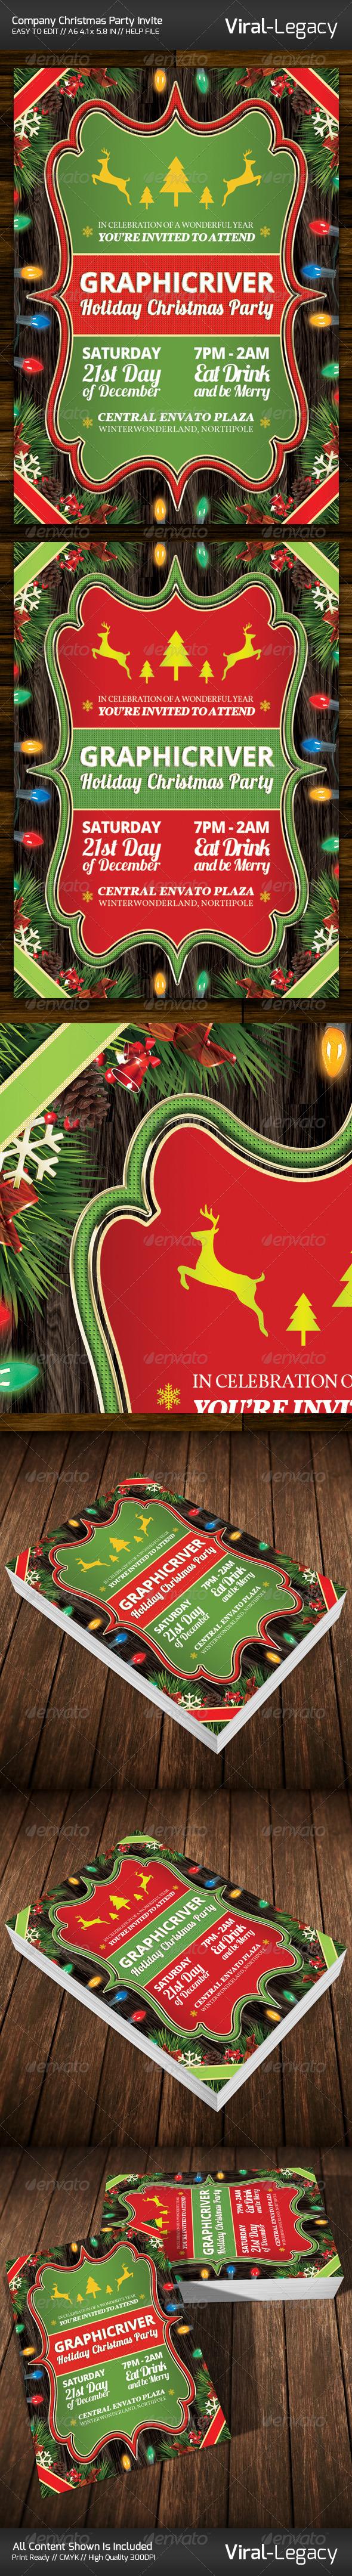 Christmas Company Party Invitation - Invitations Cards & Invites